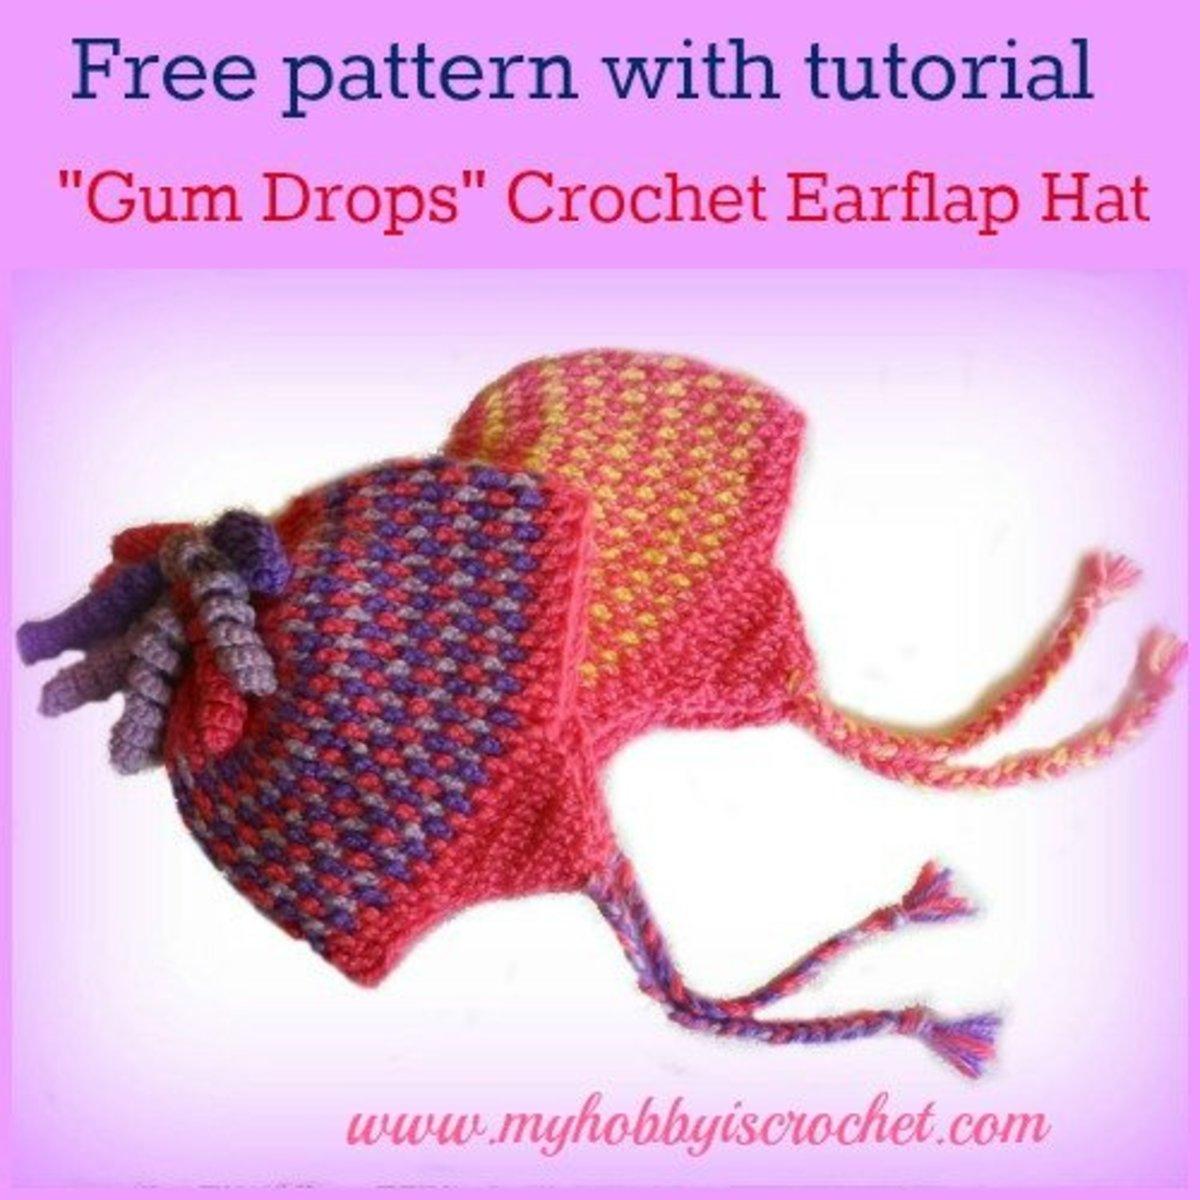 Crochet Earflap Hat Gum Drop